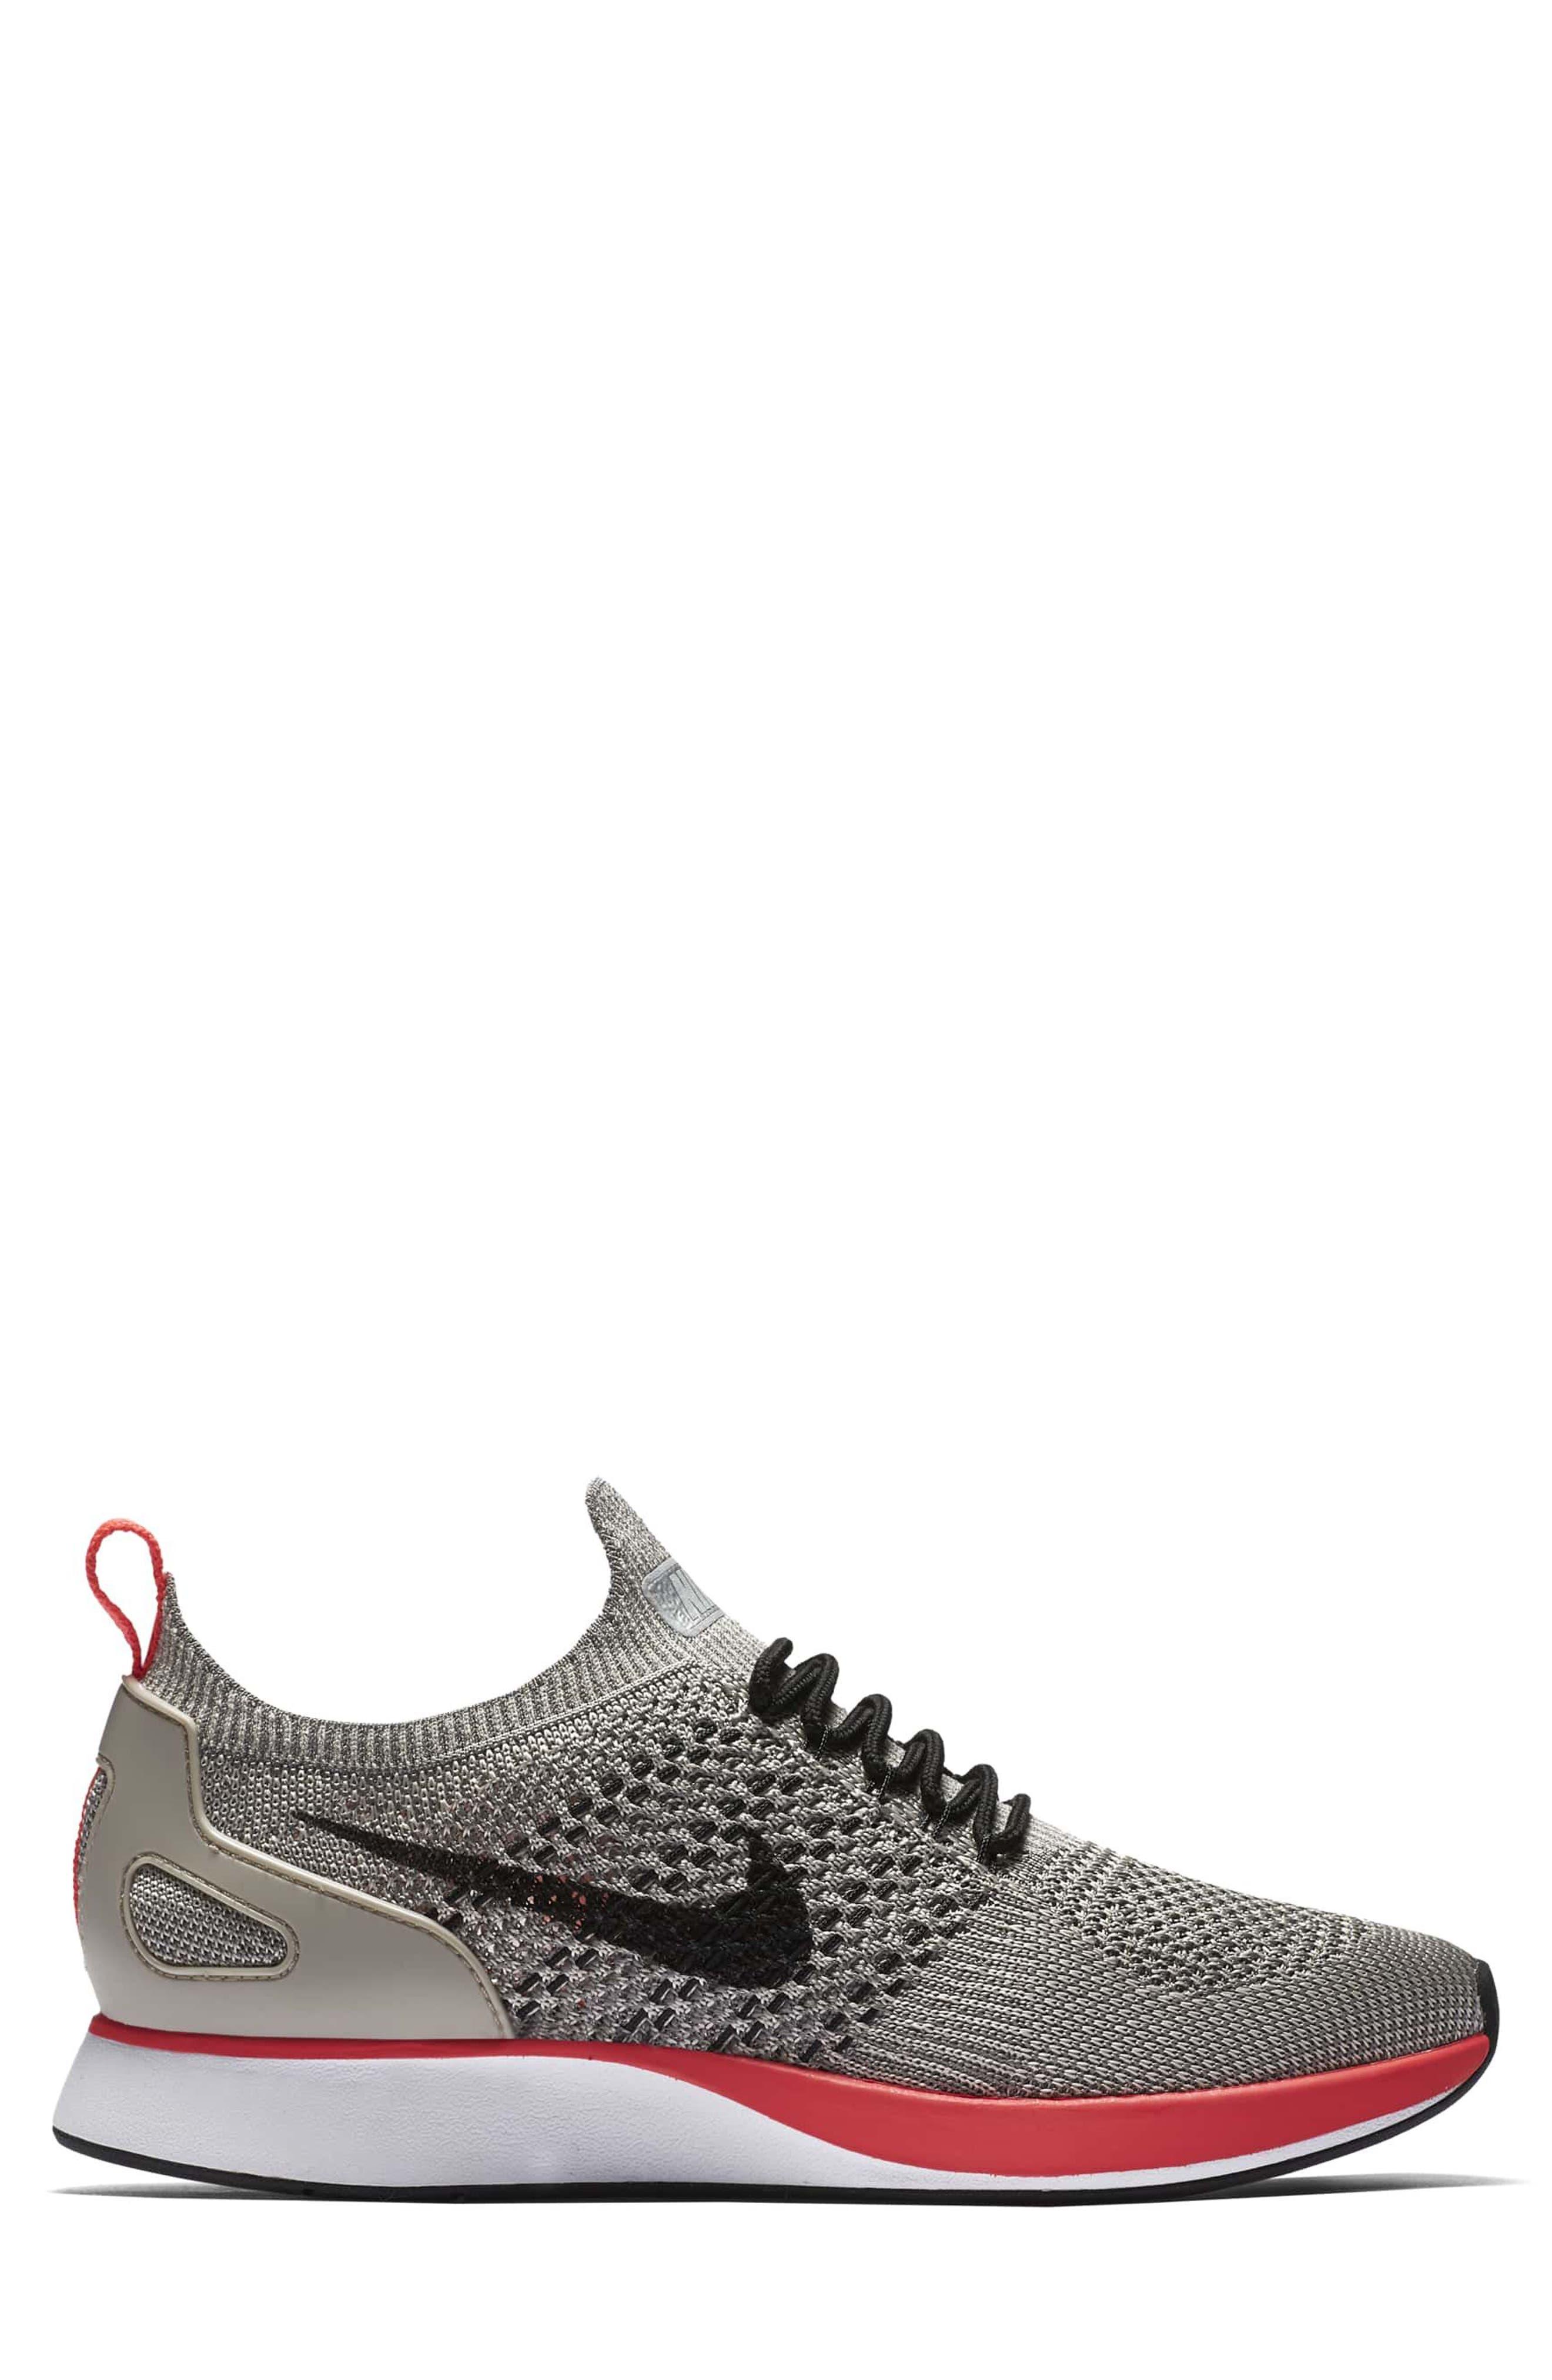 Air Zoom Mariah Flyknit Racer Sneaker,                             Alternate thumbnail 2, color,                             String/ Black/ White